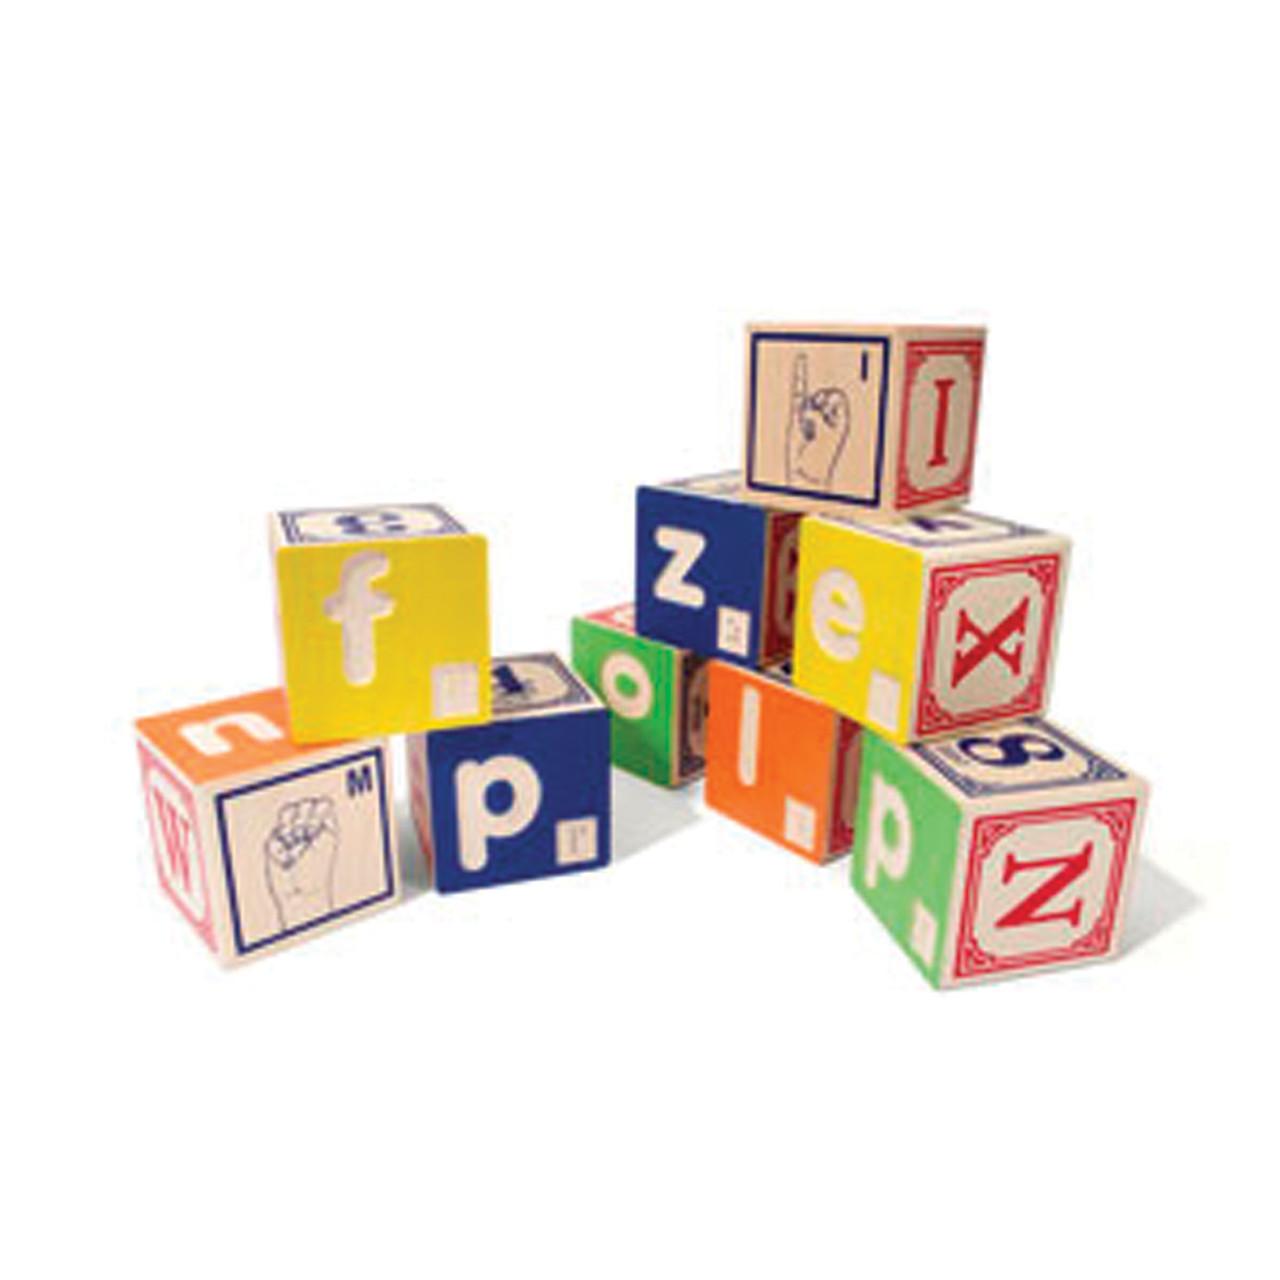 Braille ABC Wooden Blocks